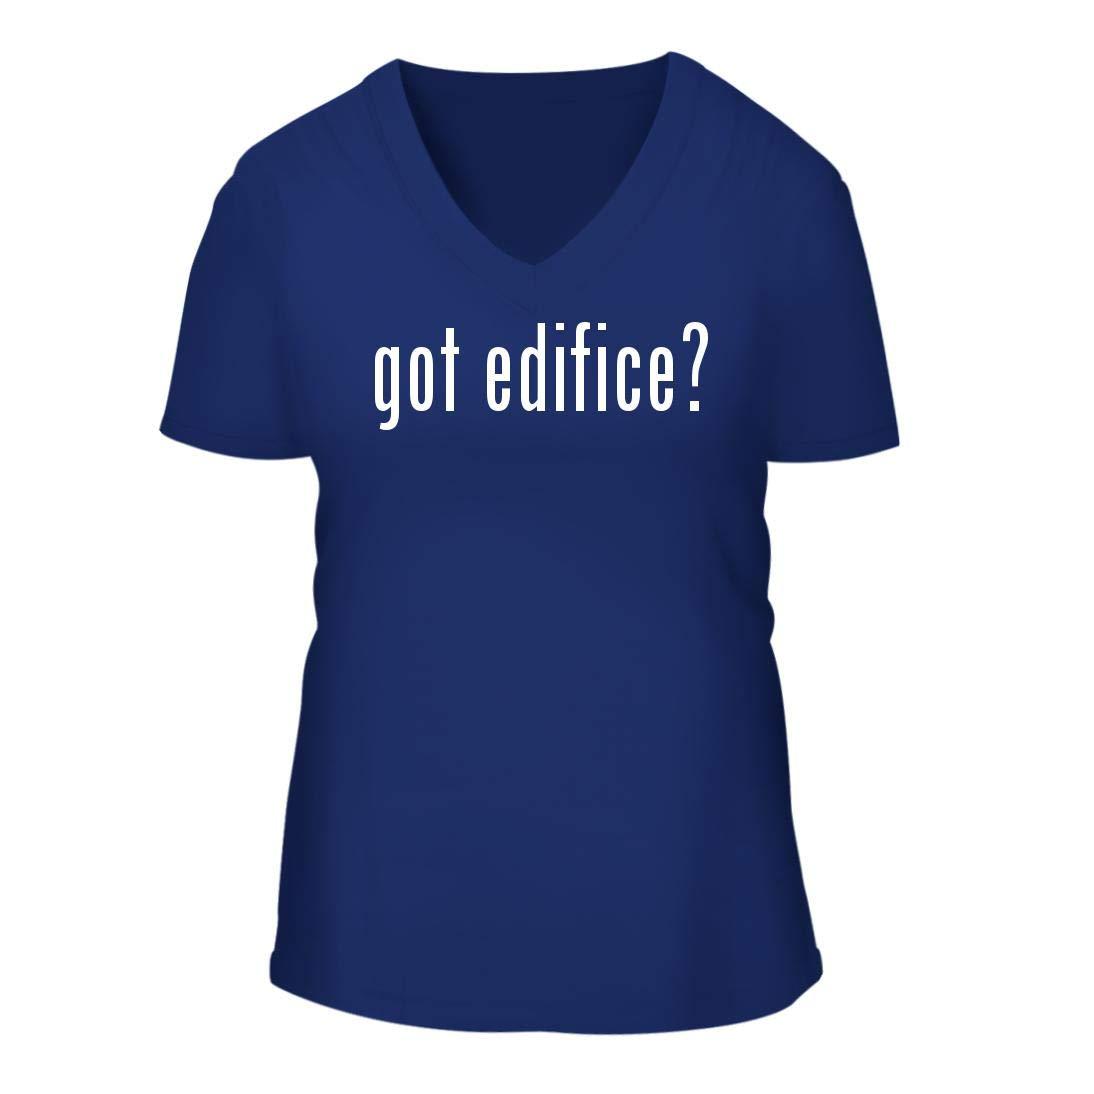 got Edifice? - A Nice Women's Short Sleeve V-Neck T-Shirt Shirt, Blue, Large